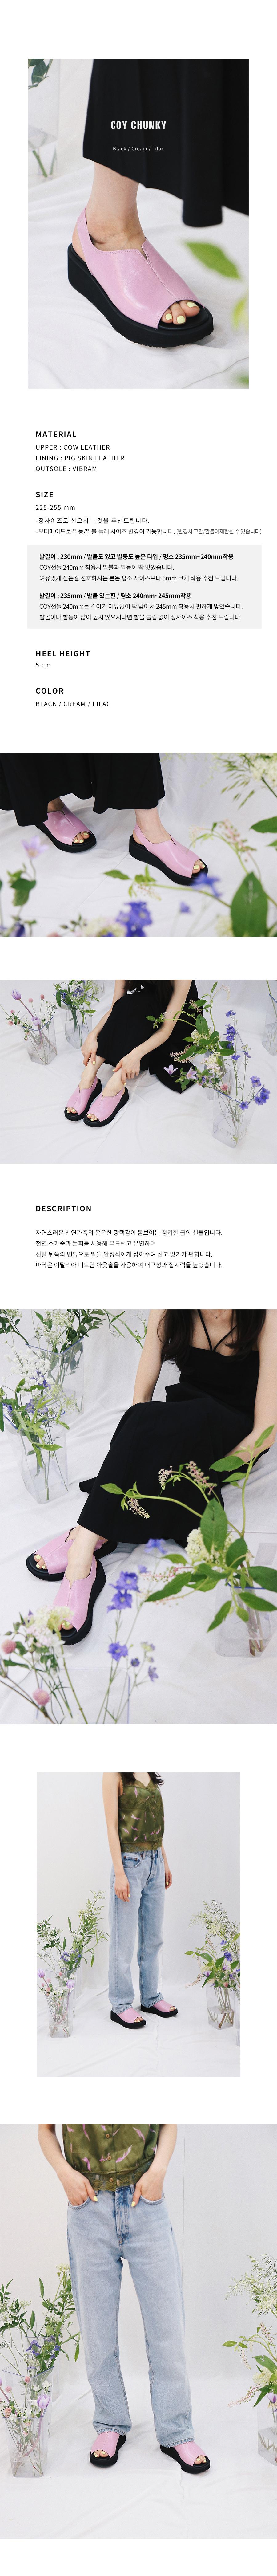 coy_chunky_lilac_02.jpg